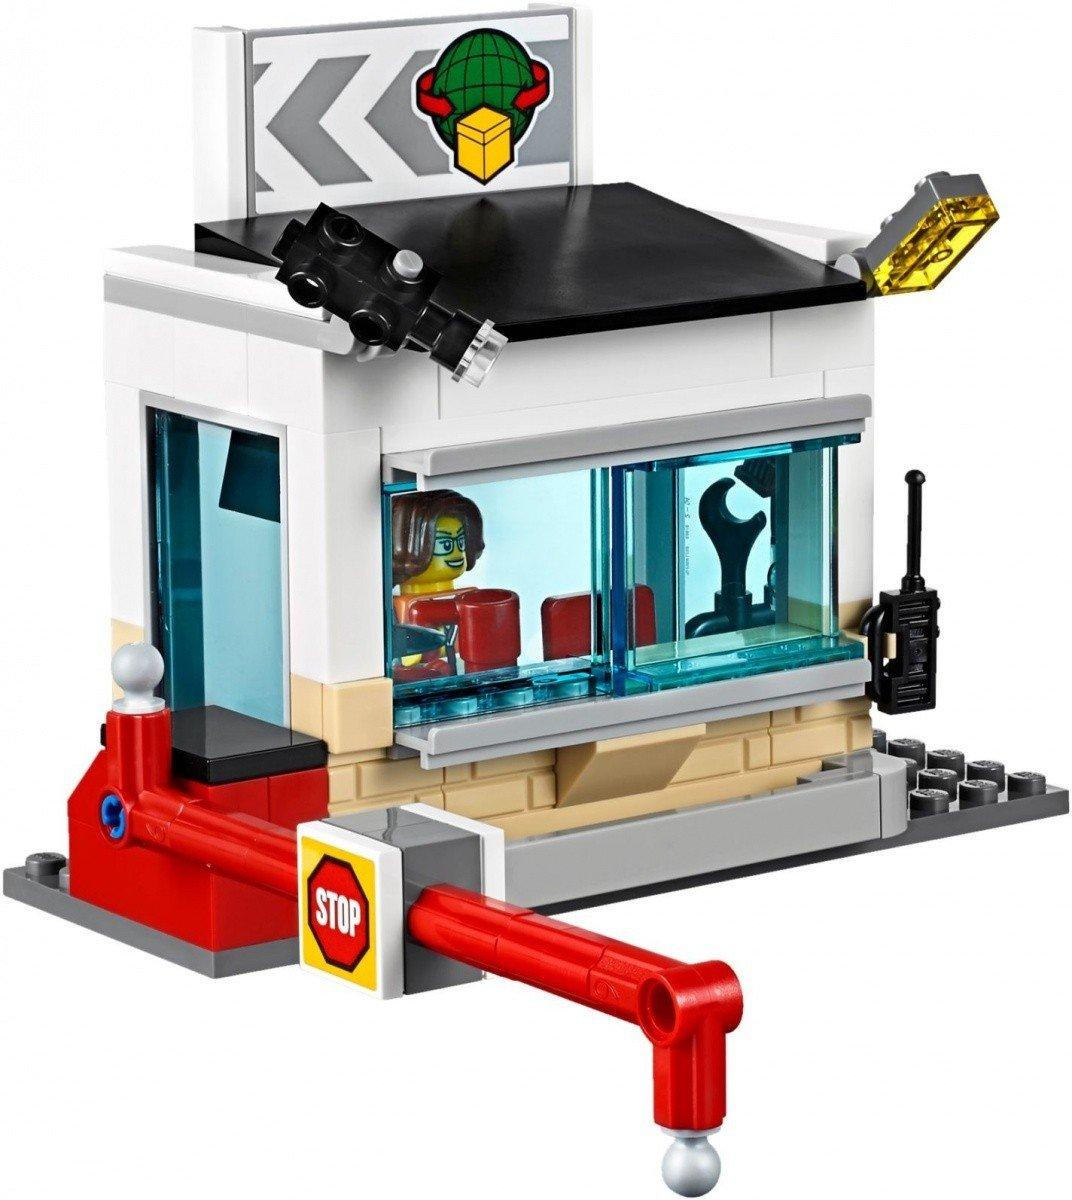 Lego City Terminal Towarowy 60169 6 City Lego Malakopl